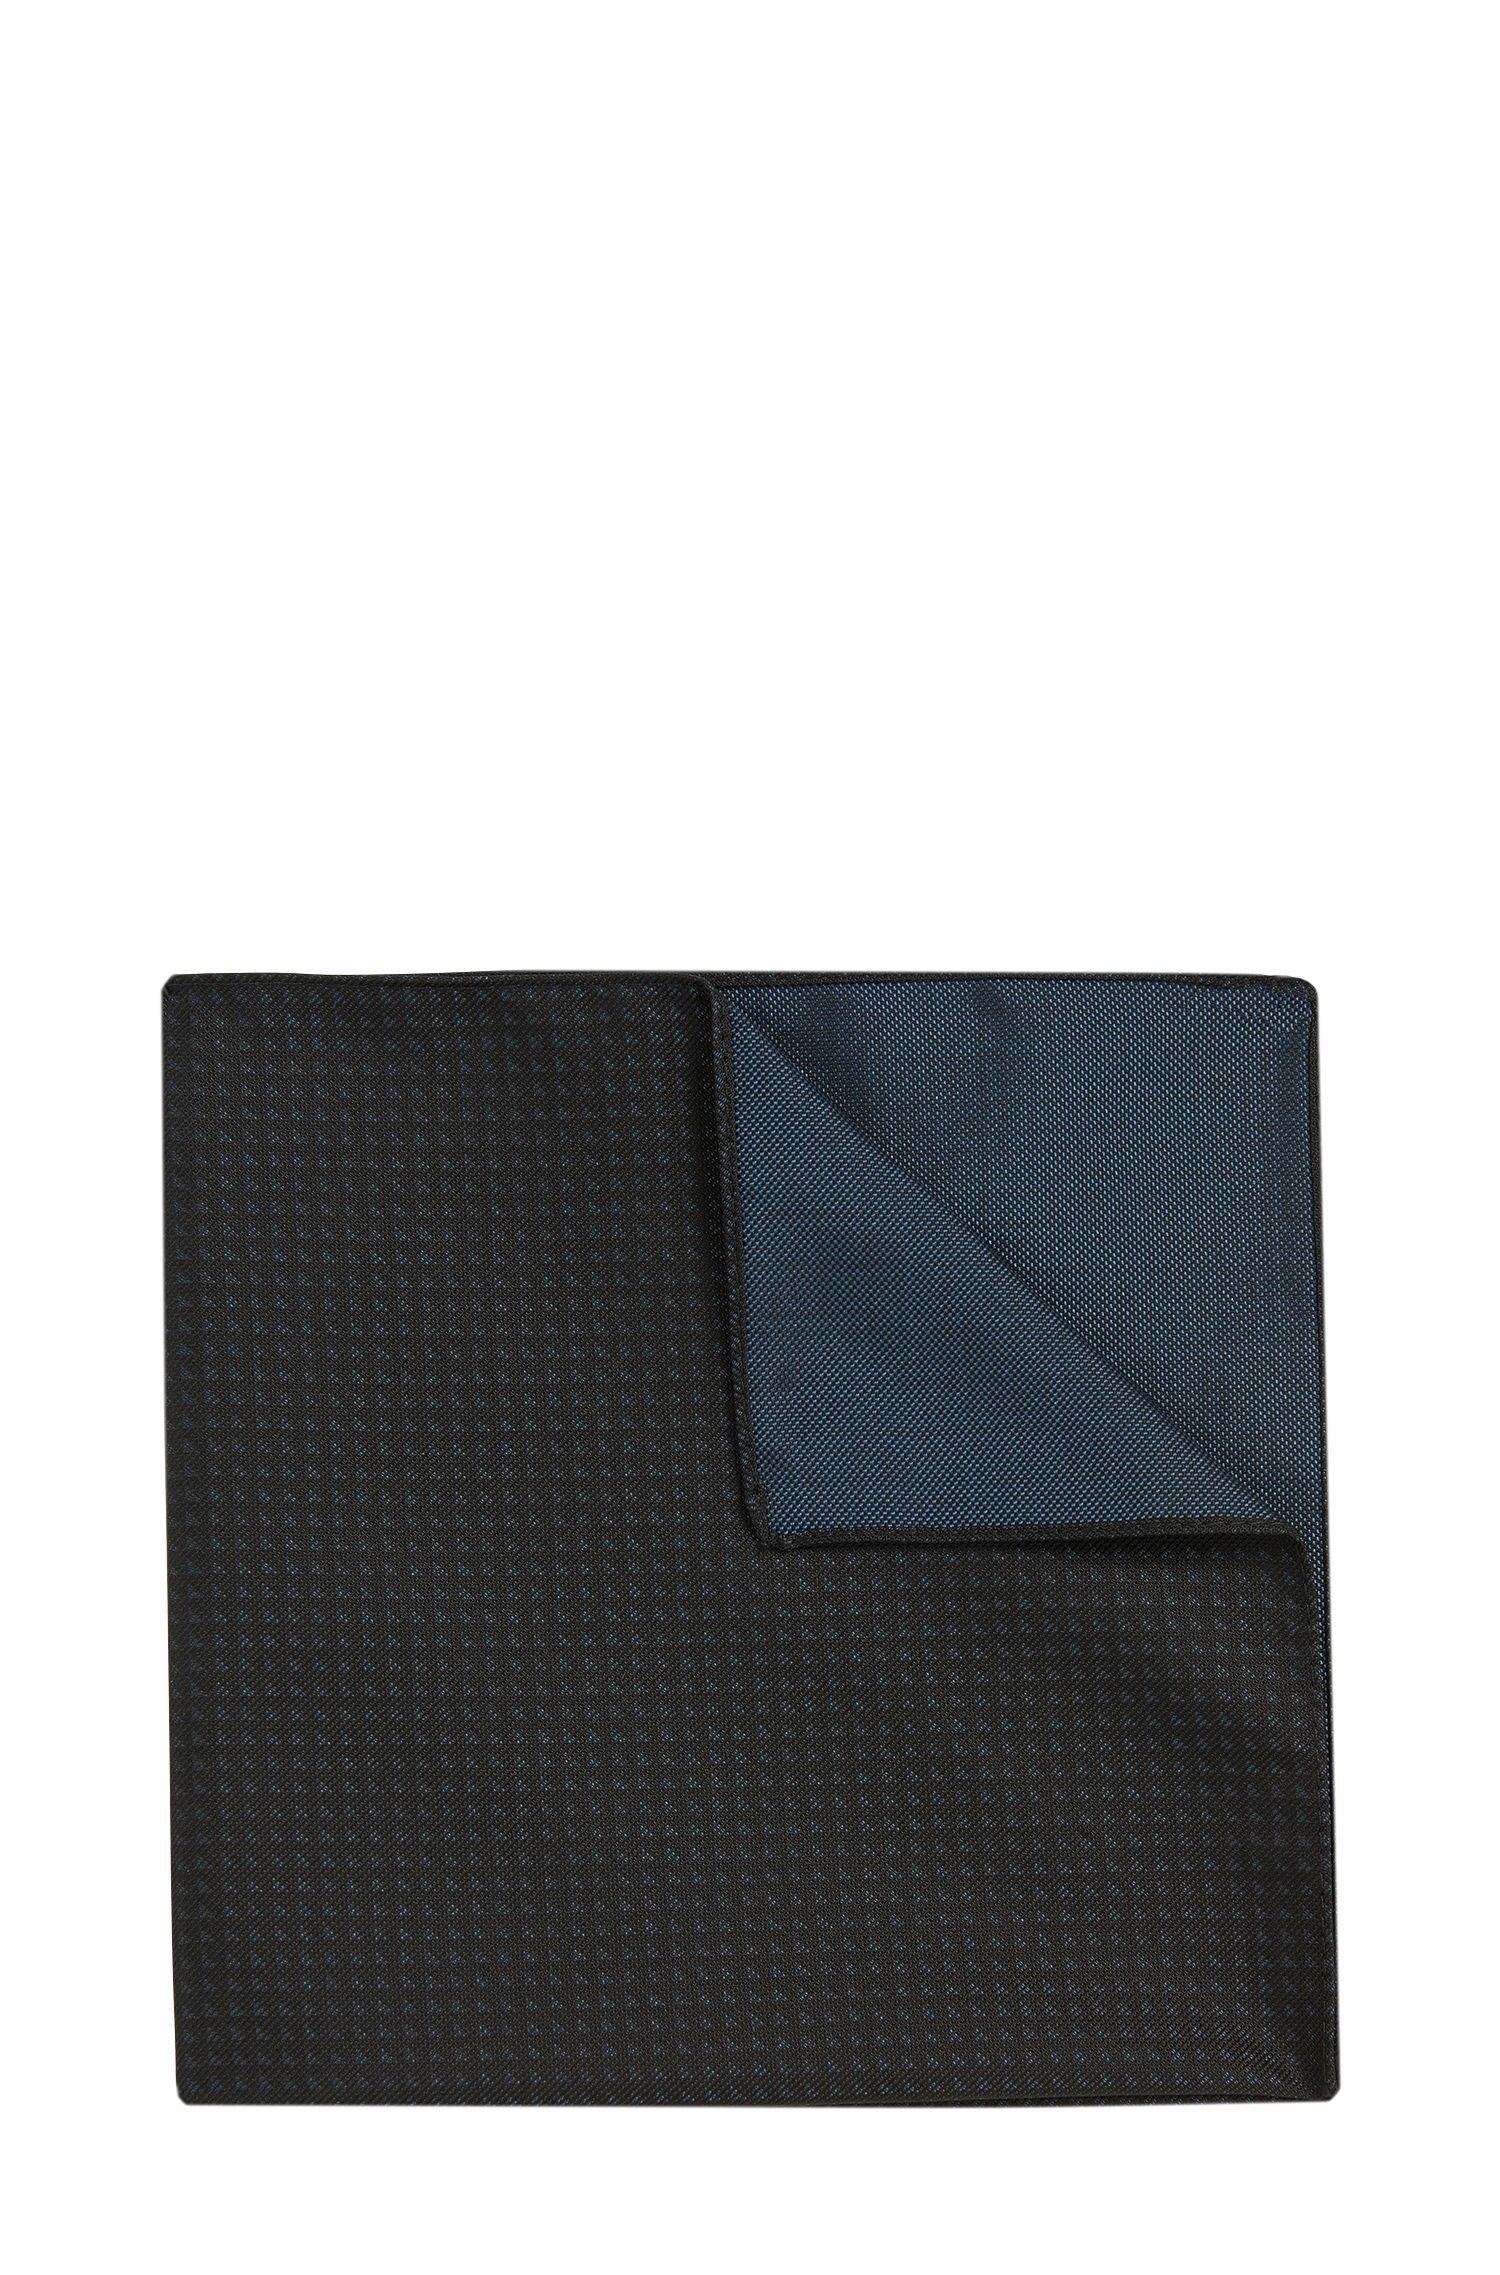 Pochet met dessin: 'Pocket sq. cm 33x33'